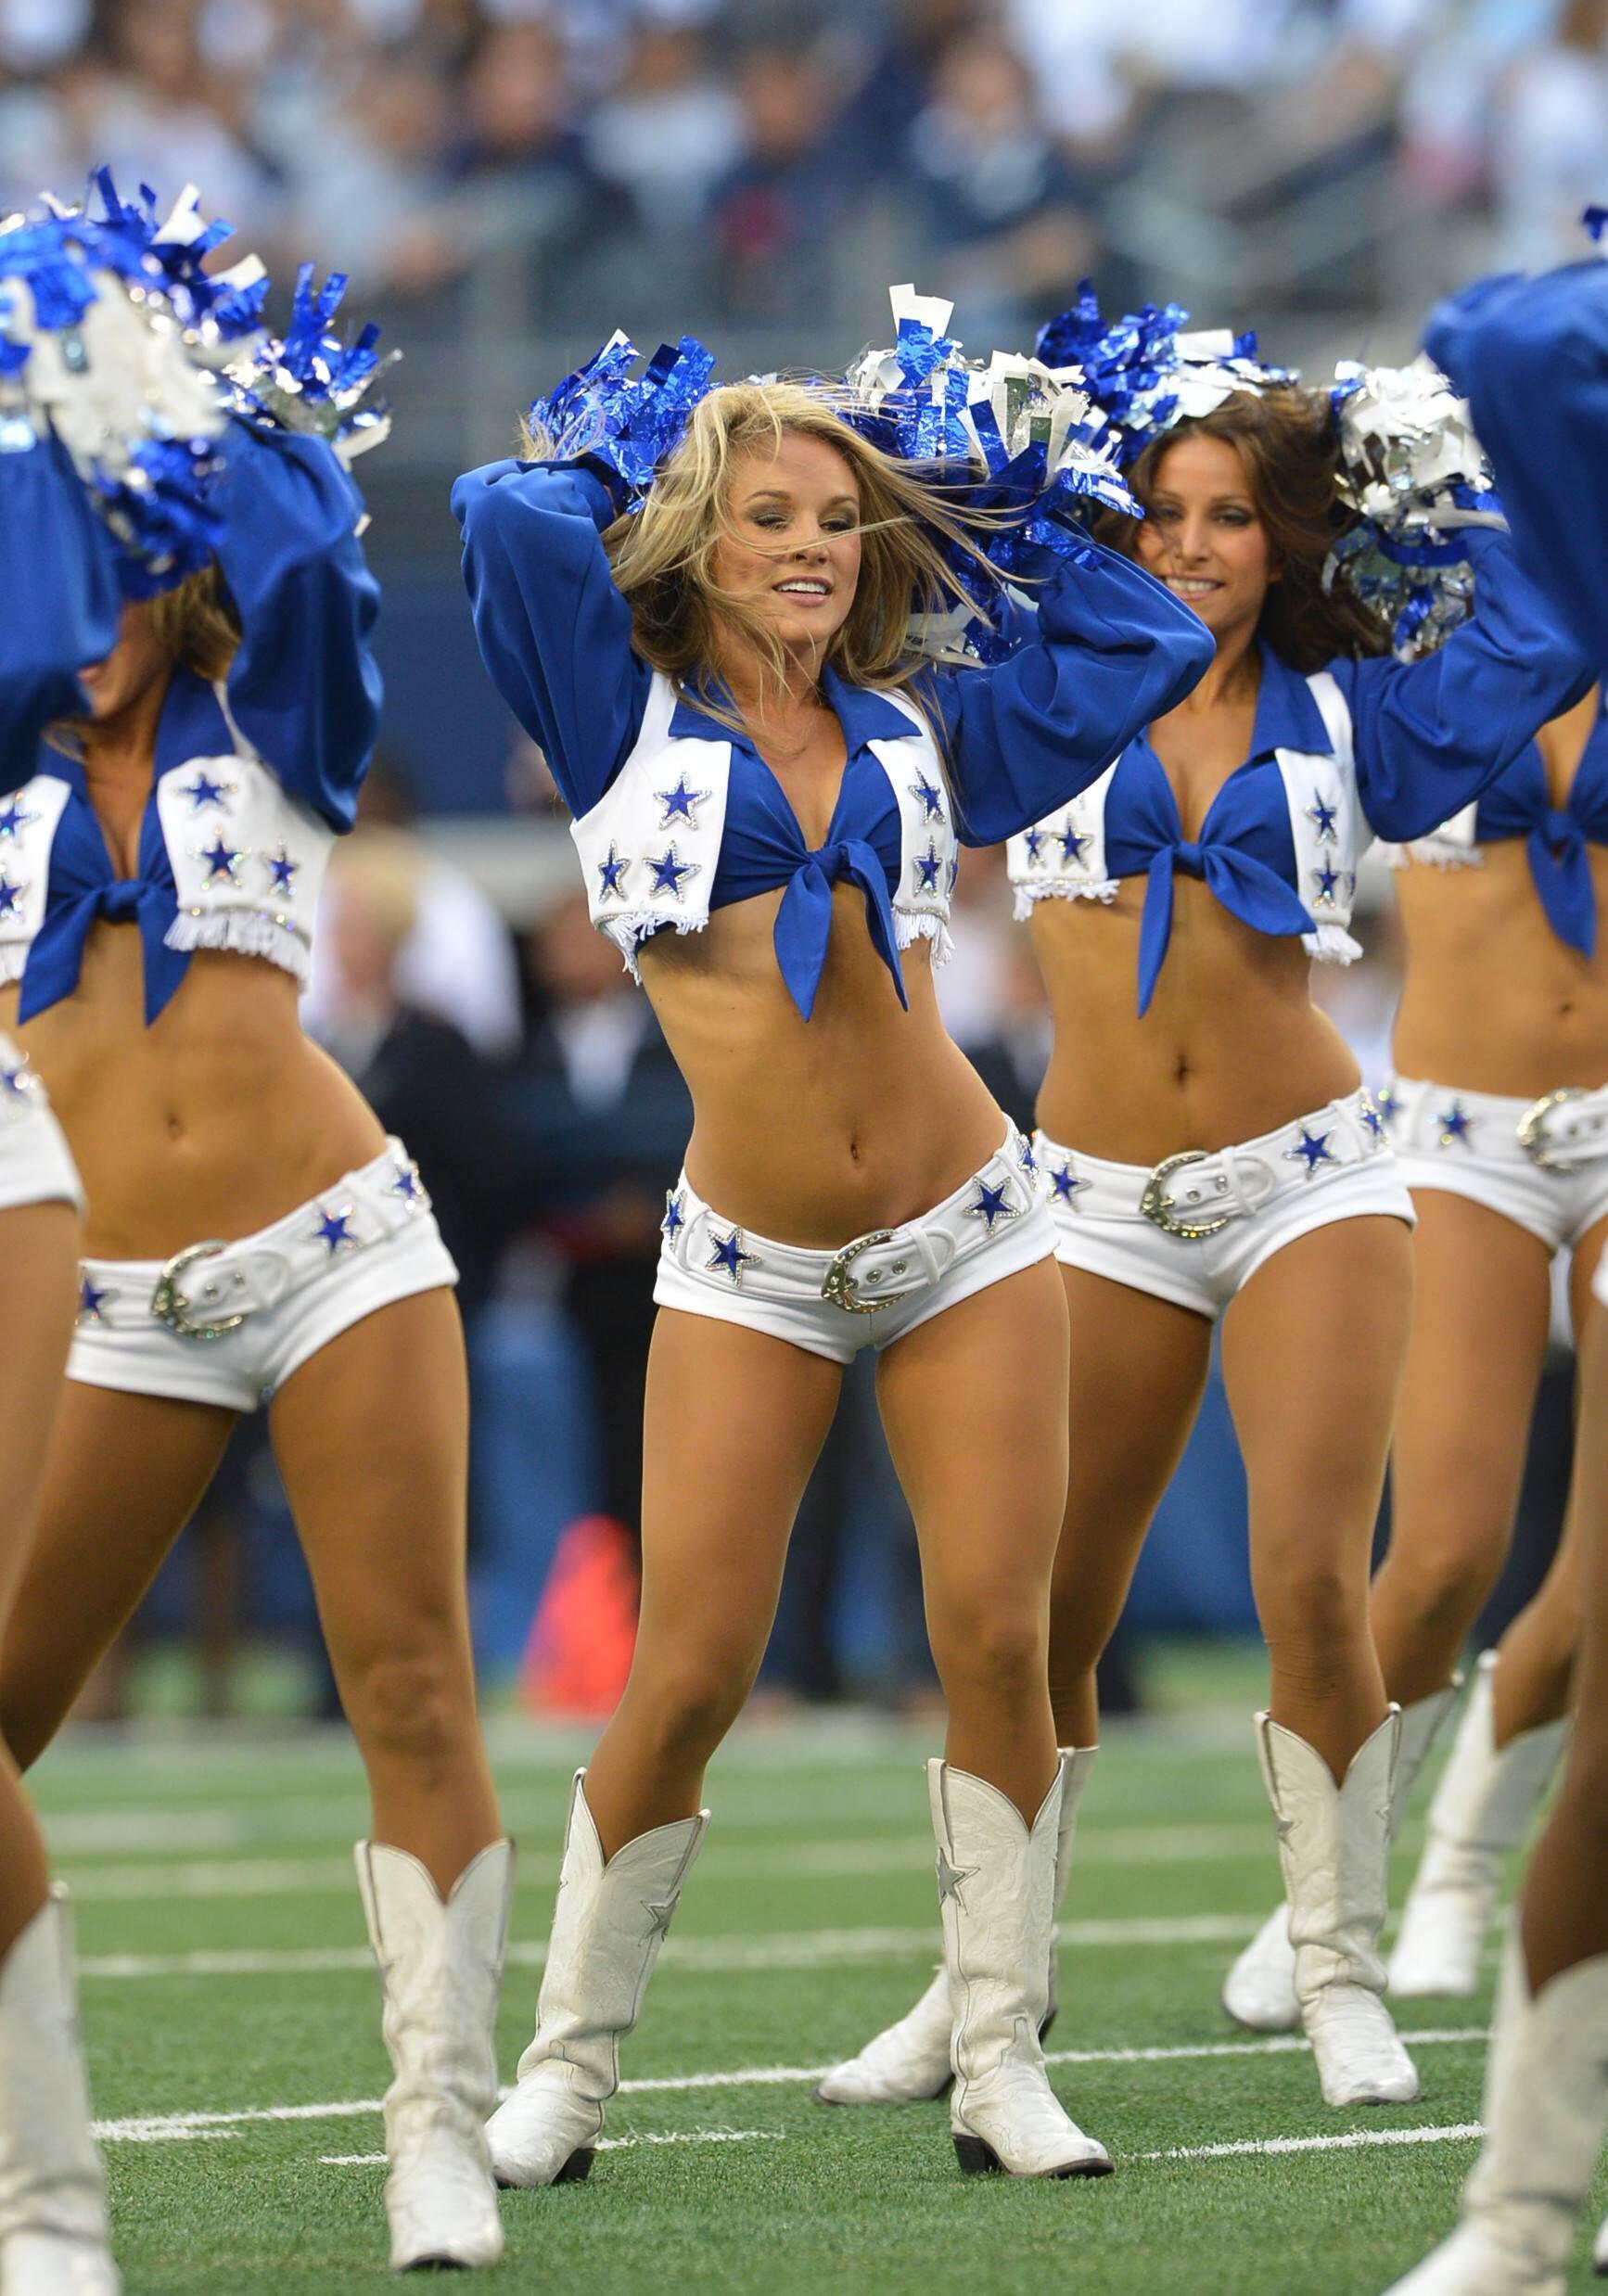 Bild zu Dallas Cowboys, Cheerleader, NFL